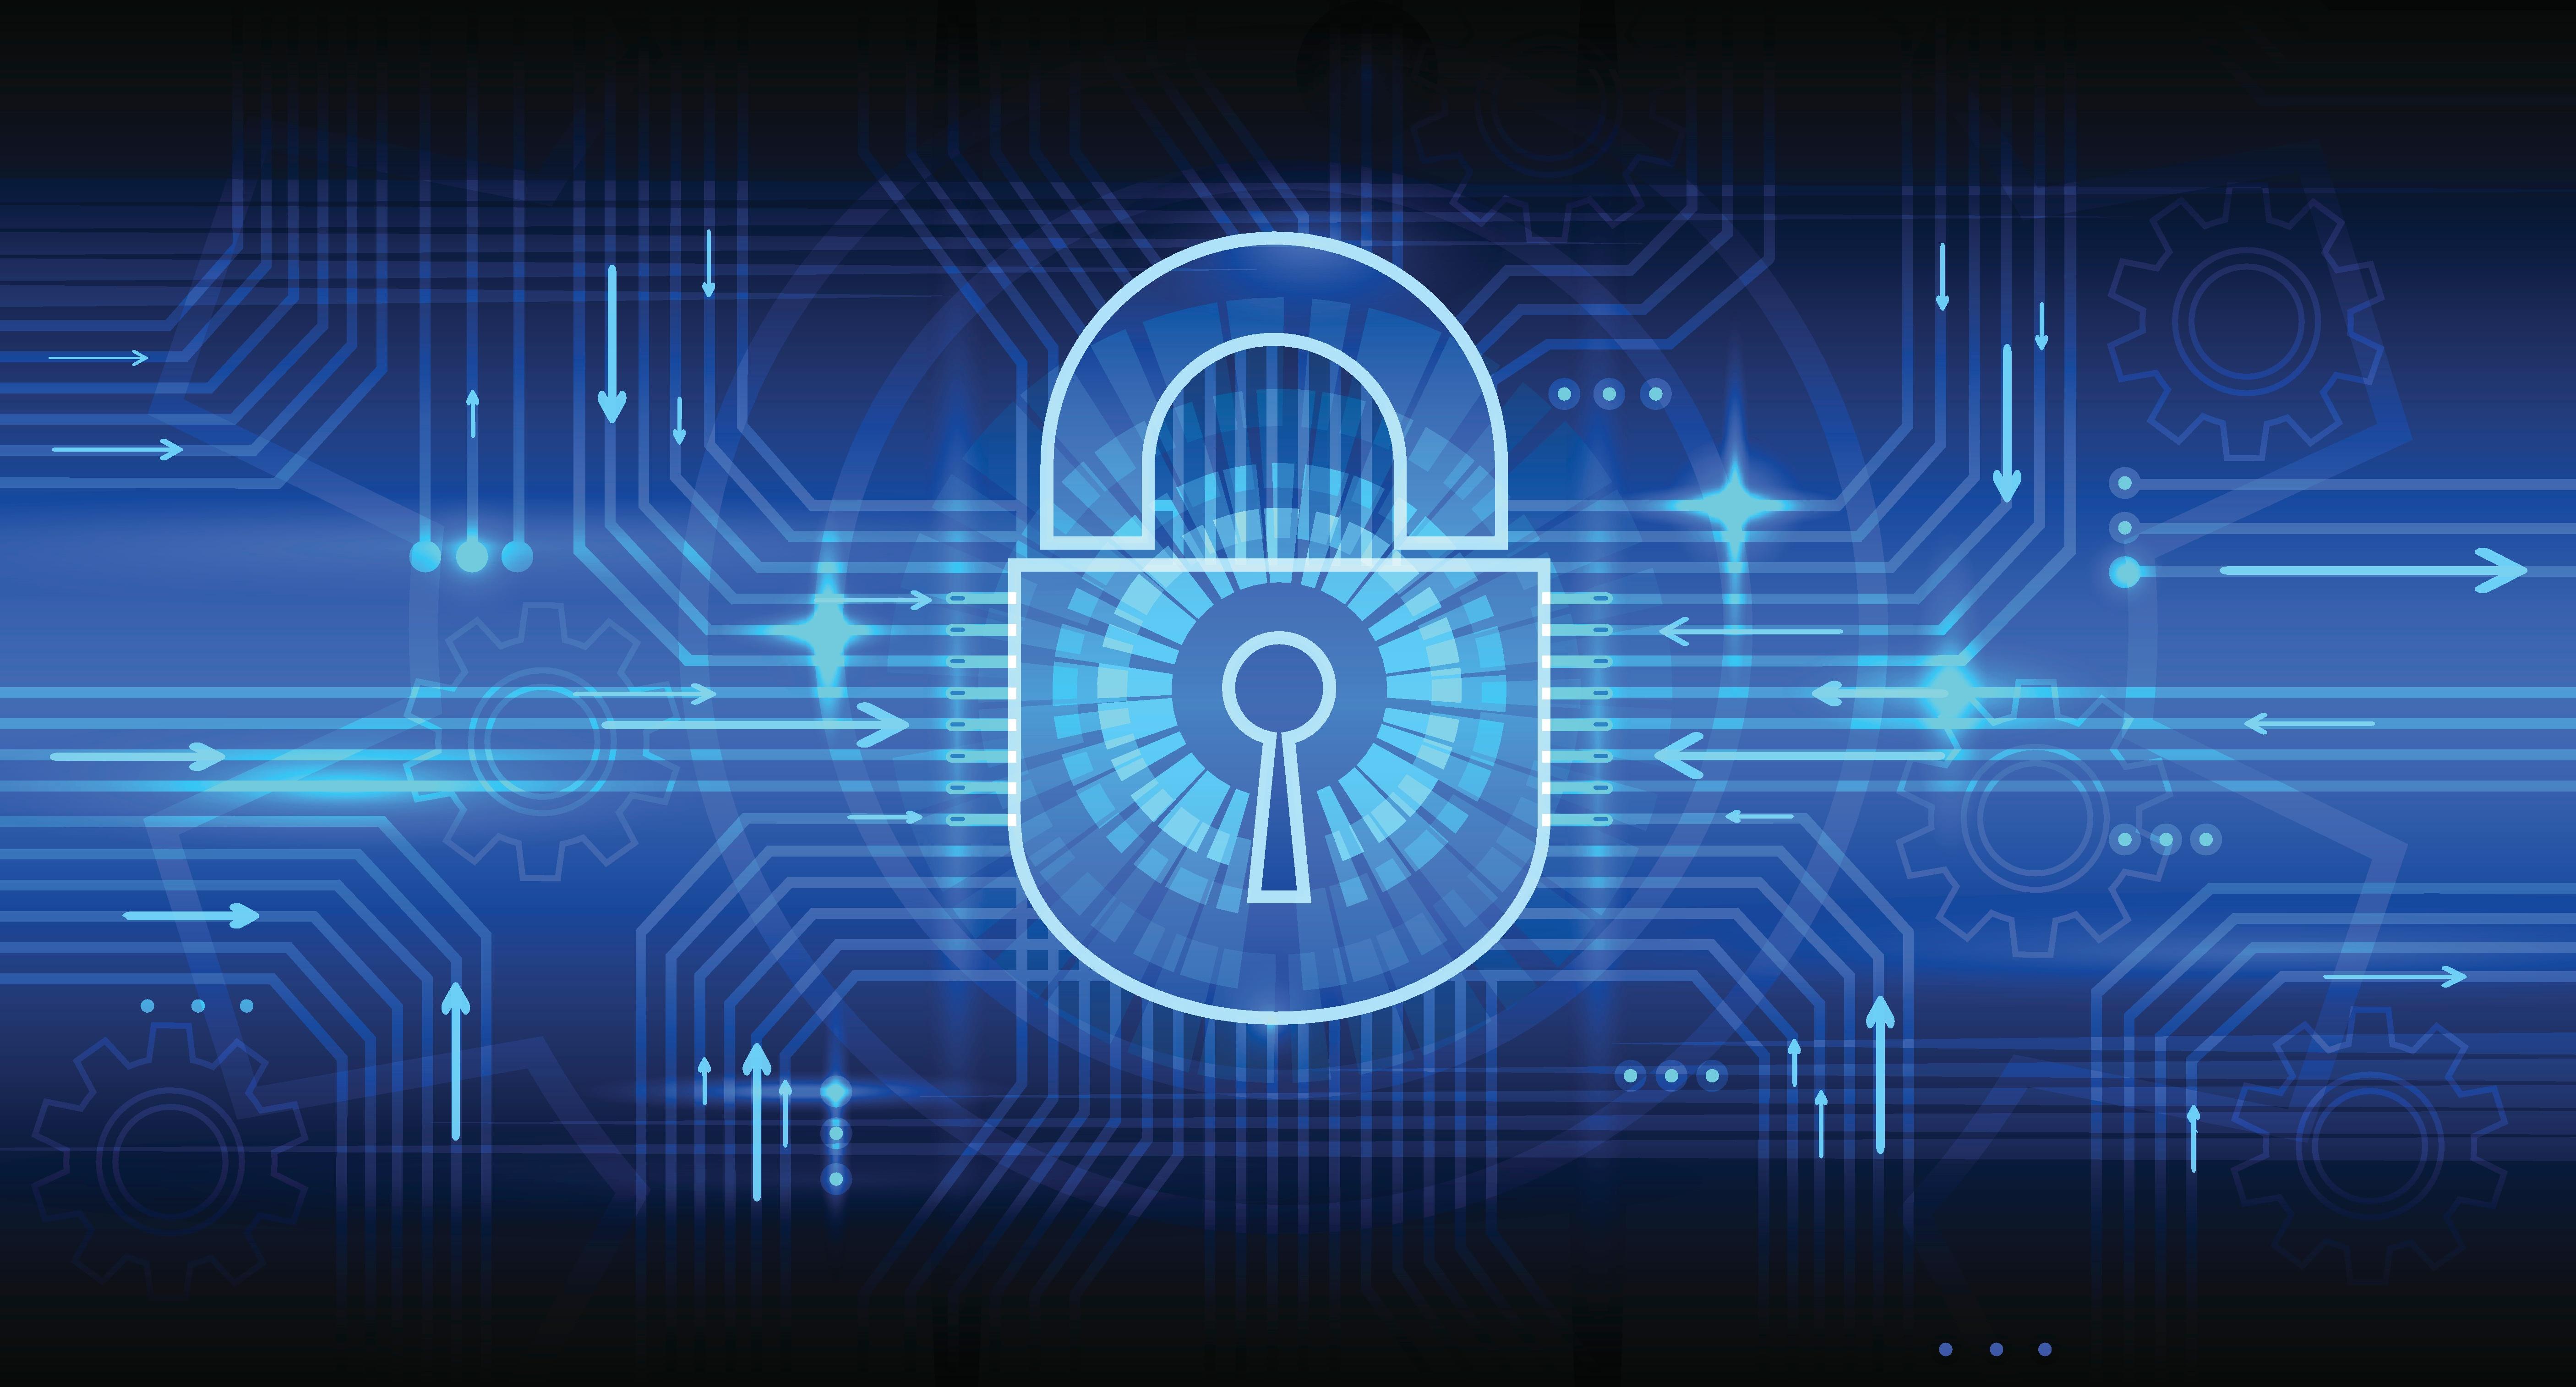 Guía de SSL para principiantes: ¿qué es y por qué hace que tu sitio web sea más seguro?